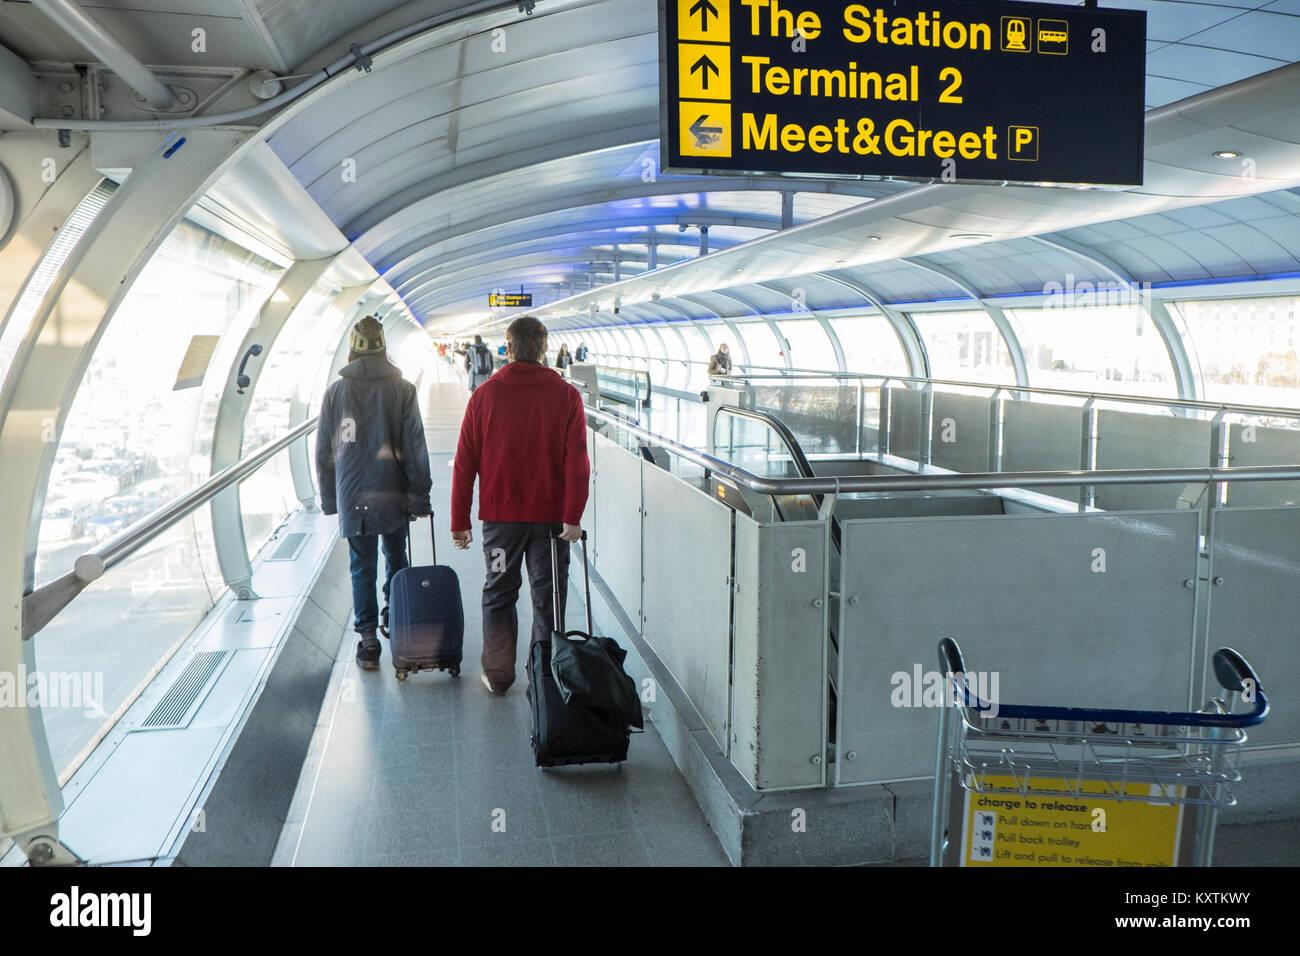 Walkway conveyor belt stock photos walkway conveyor belt stock passengerpassengerstravellingonconveyorbeltlinktransit m4hsunfo